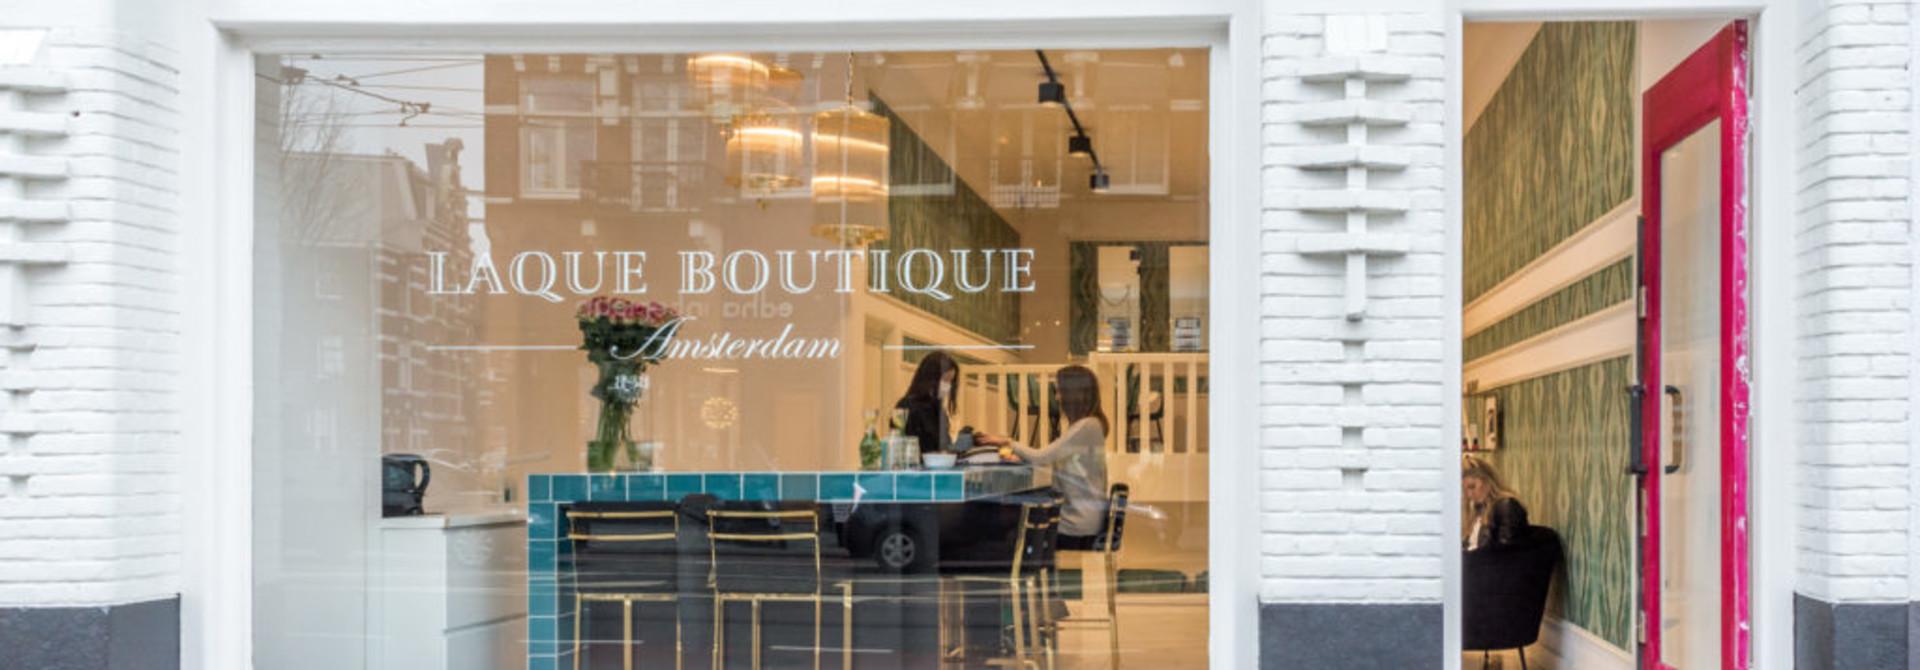 Laque boutique Amsterdam